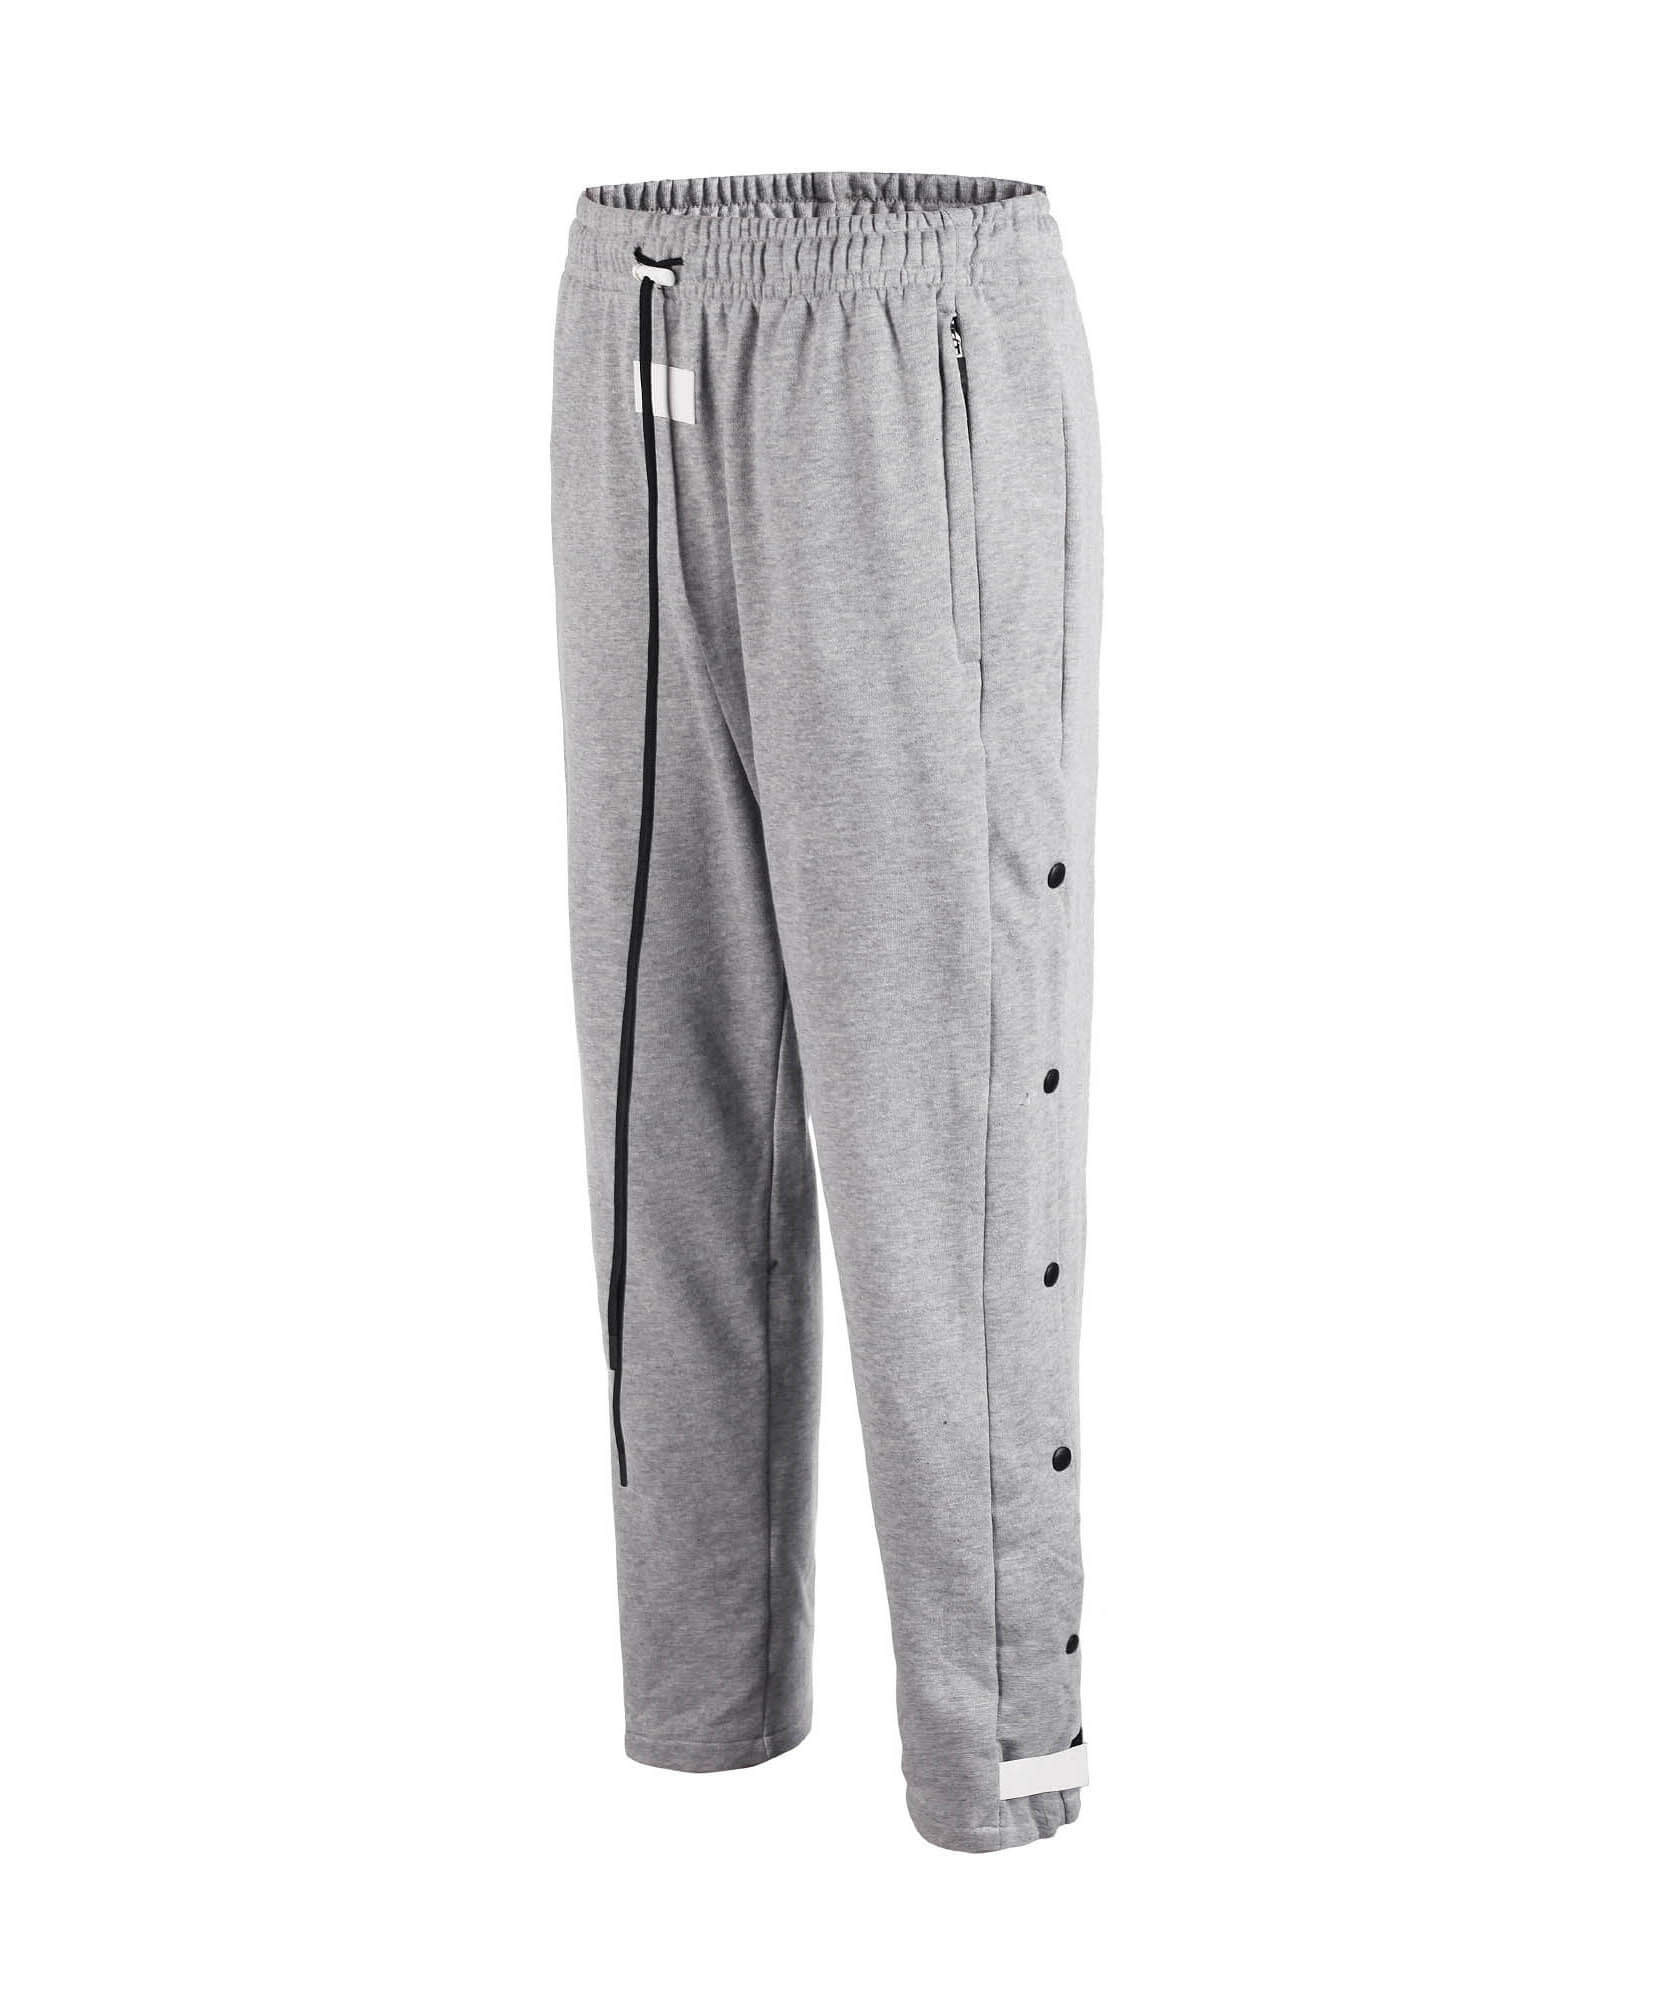 Sports Pants - Grey